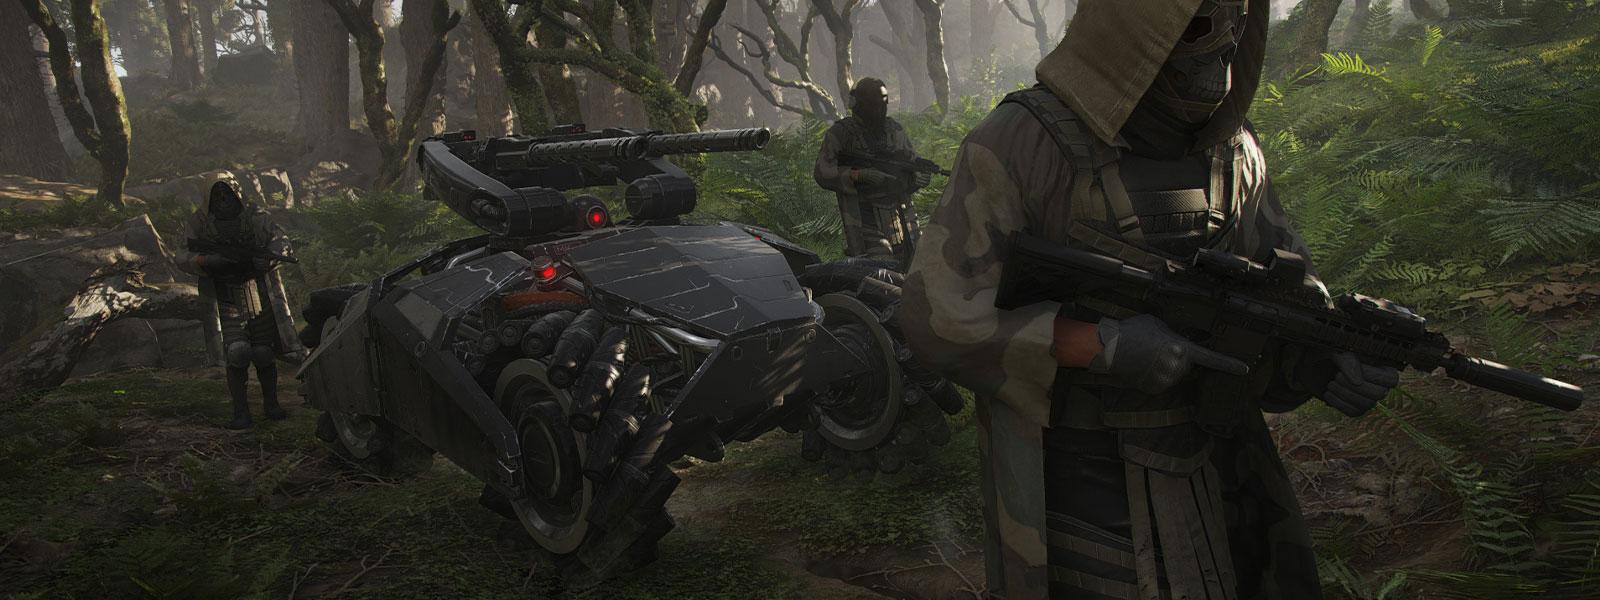 Drei Charaktere mit Masken und Waffen eskortieren ein großes Militärfahrzeug